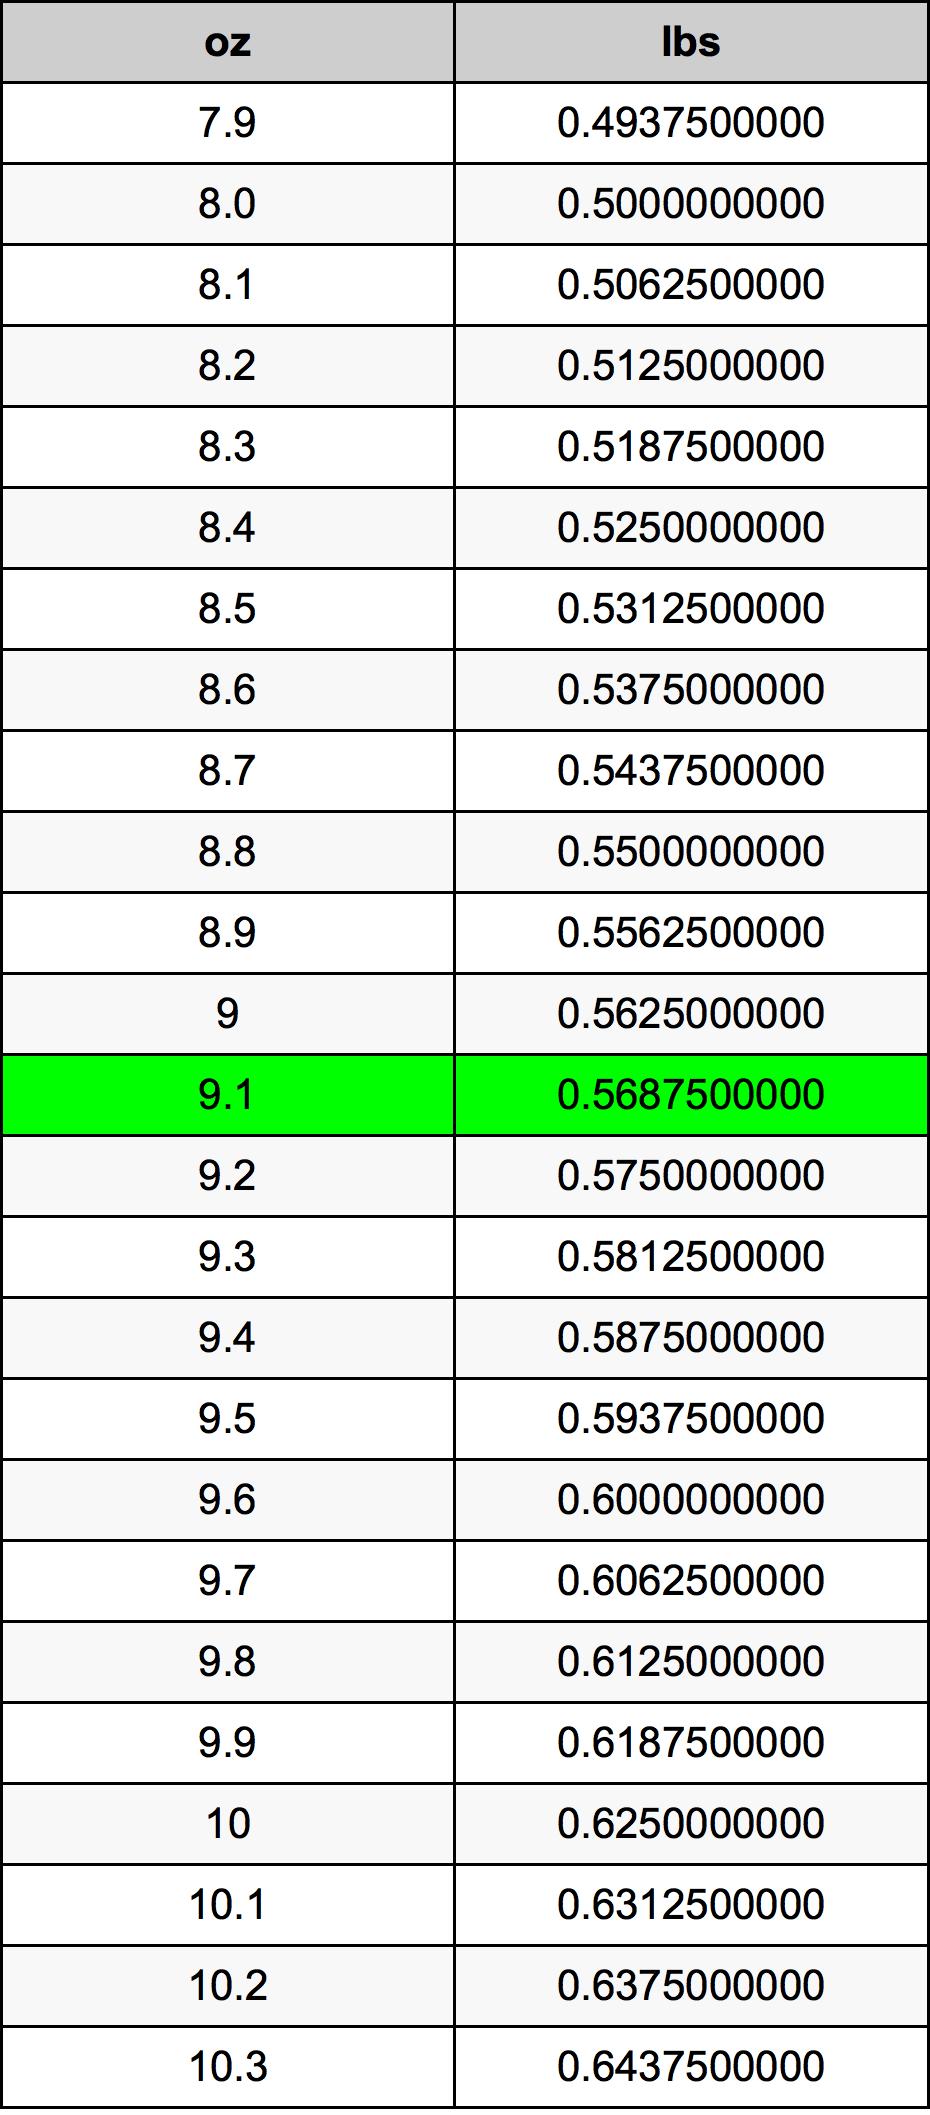 9.1 Ounces To Pounds Converter | 9.1 oz To lbs Converter